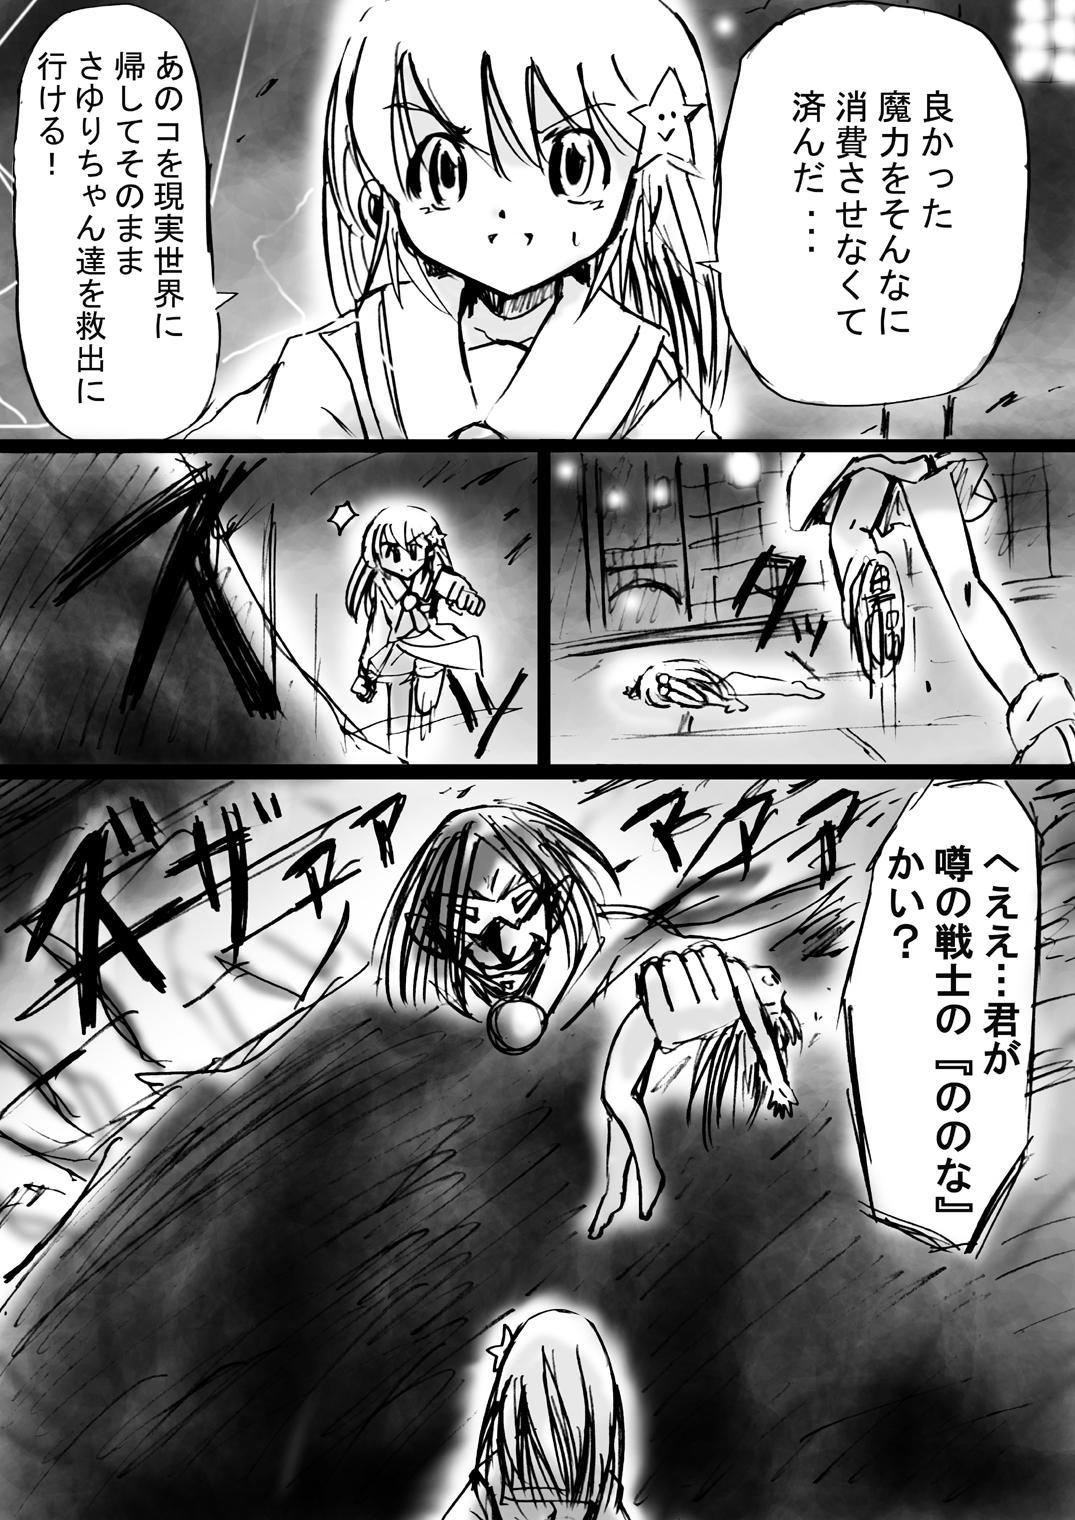 [Dende] Fushigi Sekai -Mystery World- Nonoha 5 ~Jokuma no Kyouniku no Tainai Shinshoku~ 31